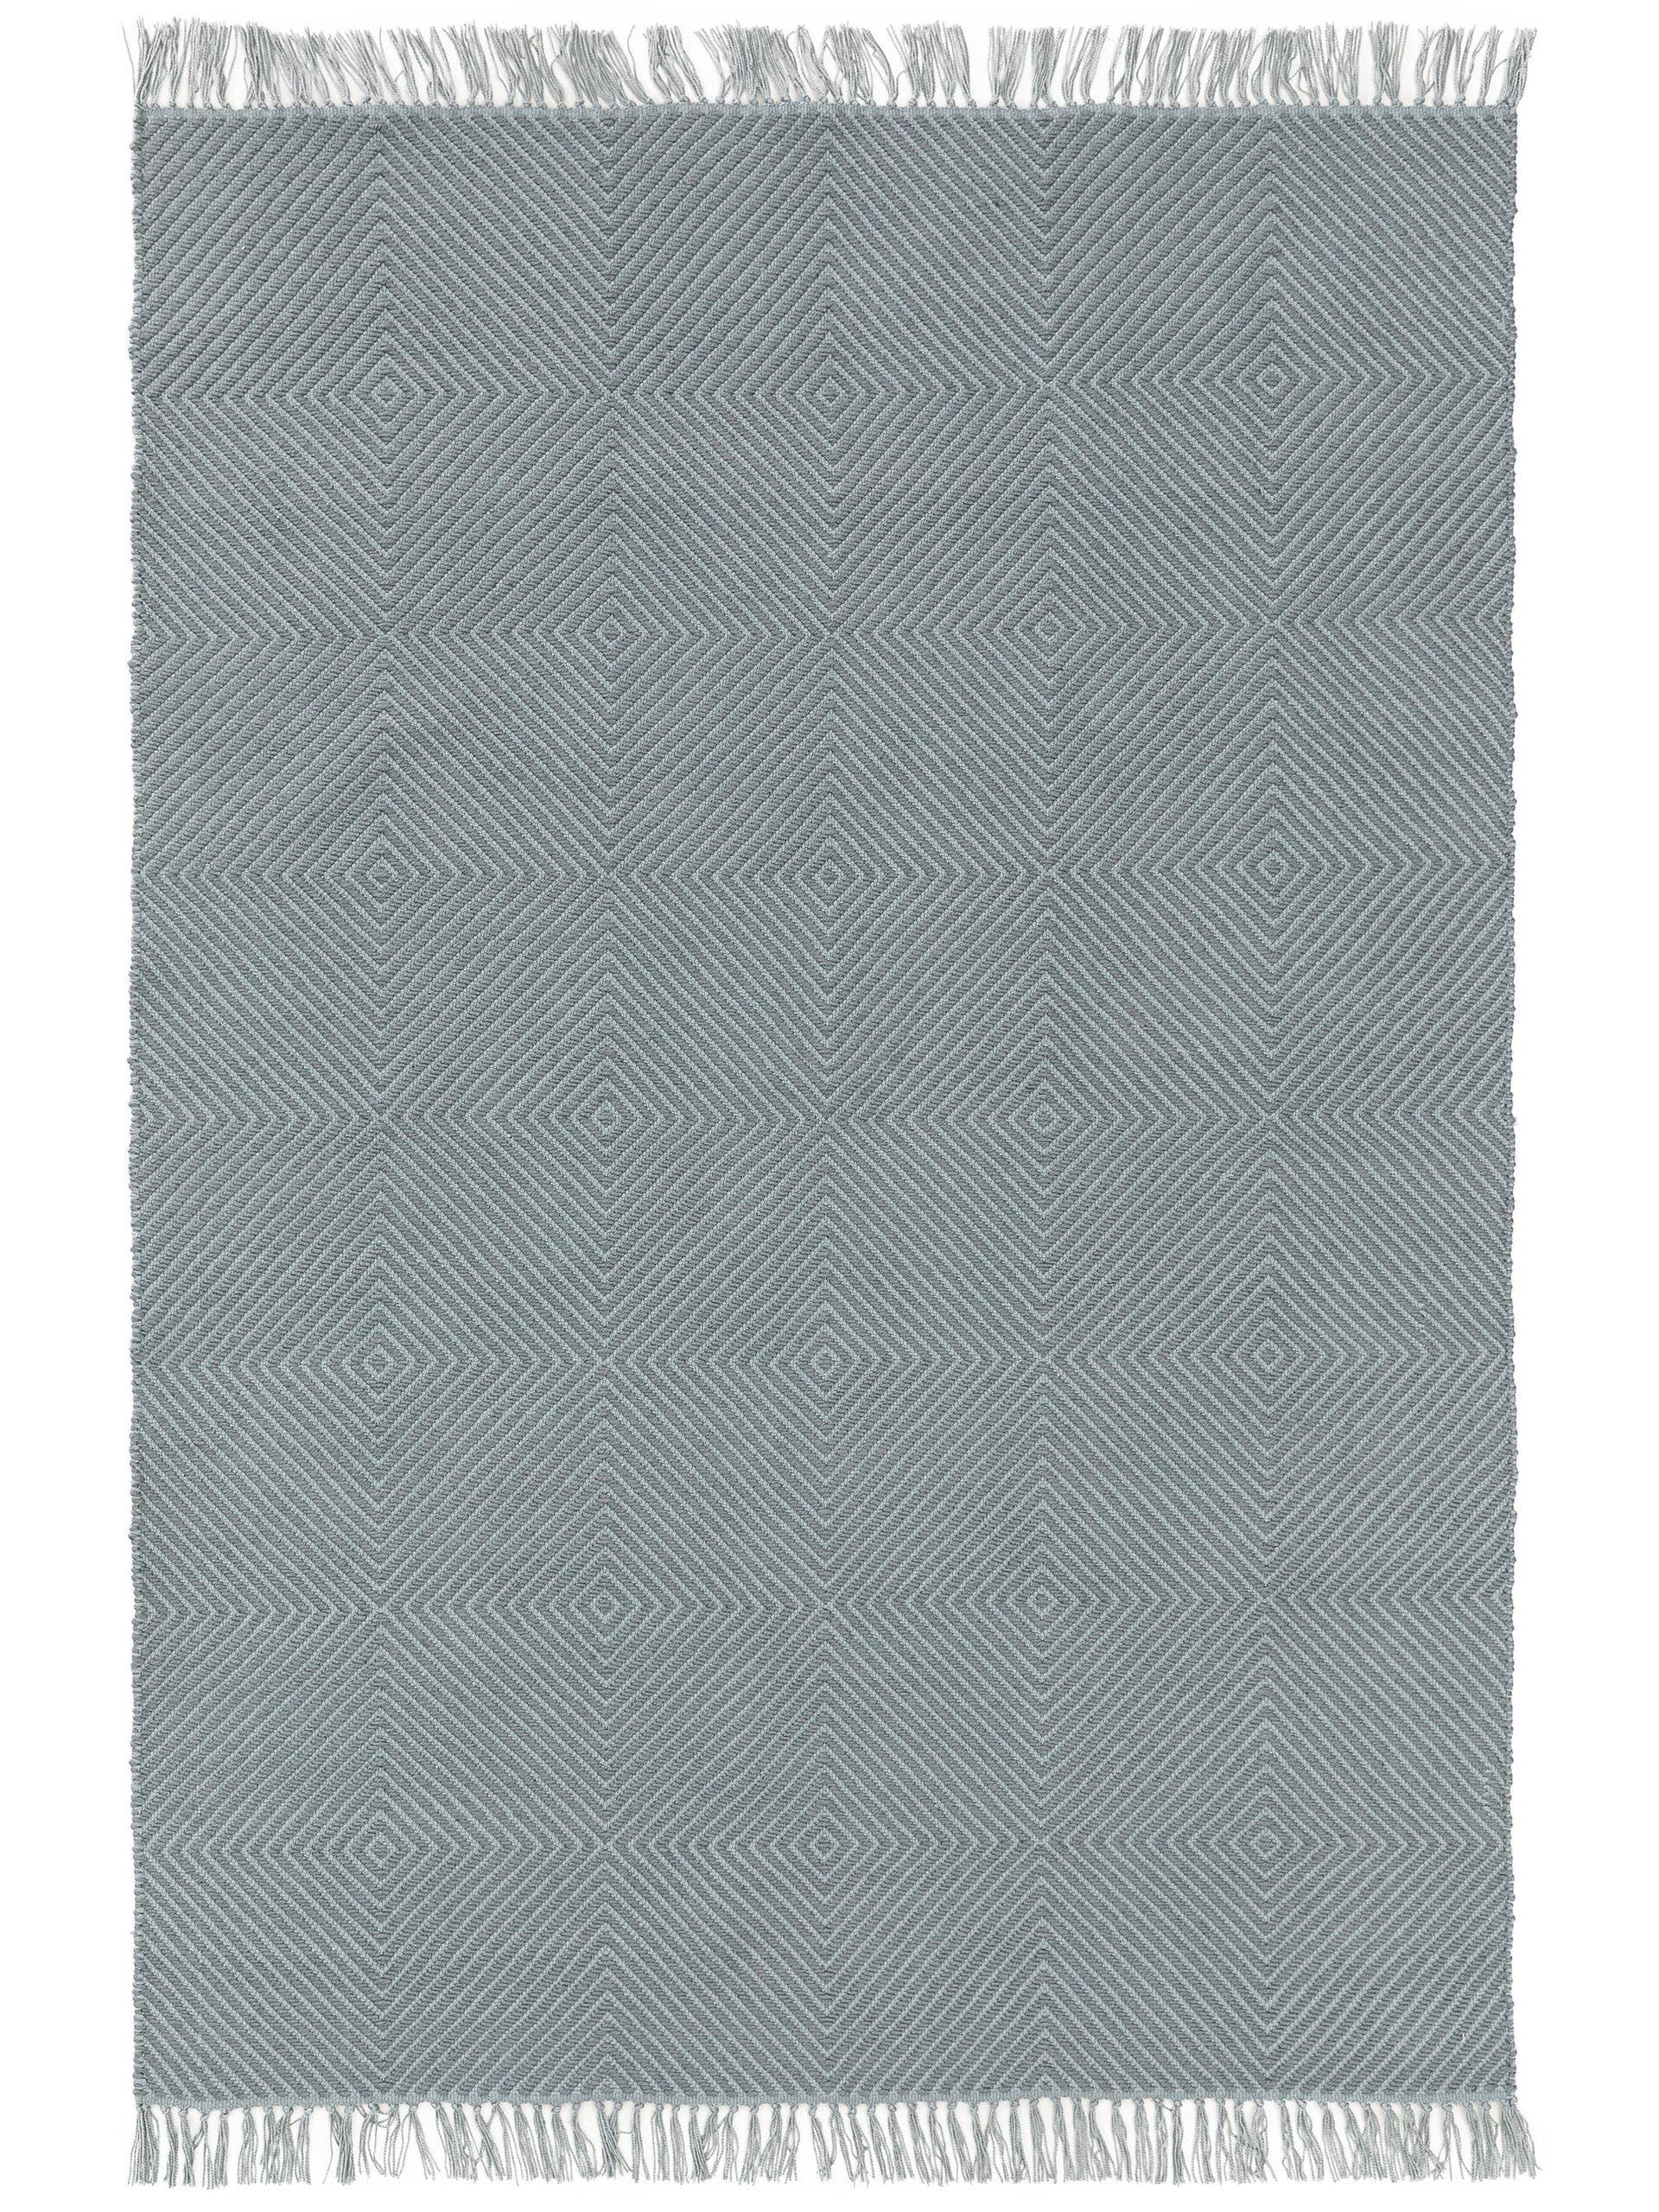 Tapis d'extérieur & intérieur bleu clair 160x230